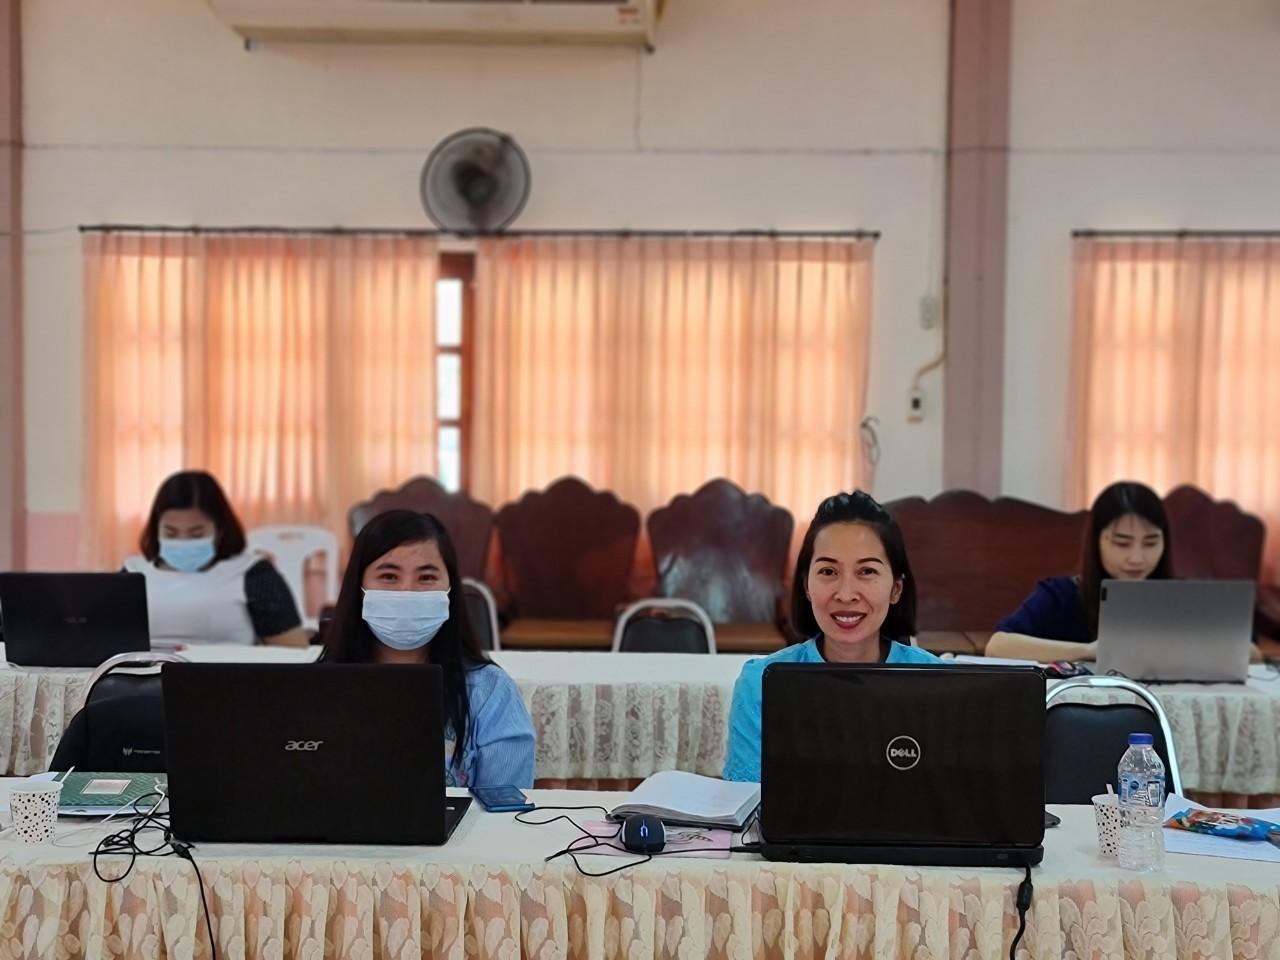 19 มีนาคม 2564 ประชุมผ่านระบบออนไลน์หลักสูตรการจัดกิจกรรม กศน.ป้องกันภาวะซึมเศร้า